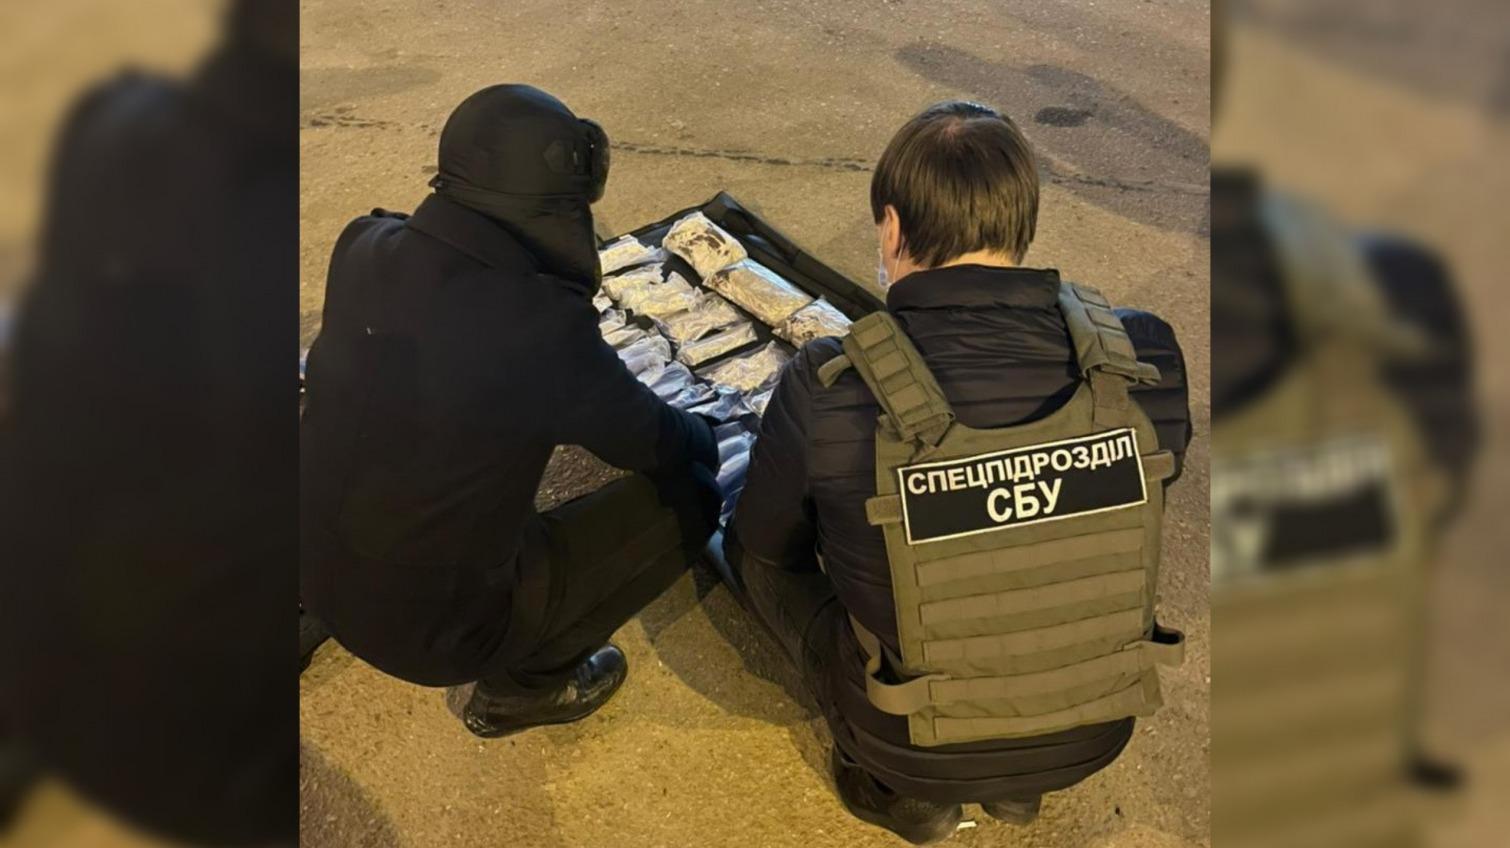 СБУ задержала курьера с 4 килограммами амфетамина на пути из Киева в Одессу (фото) «фото»